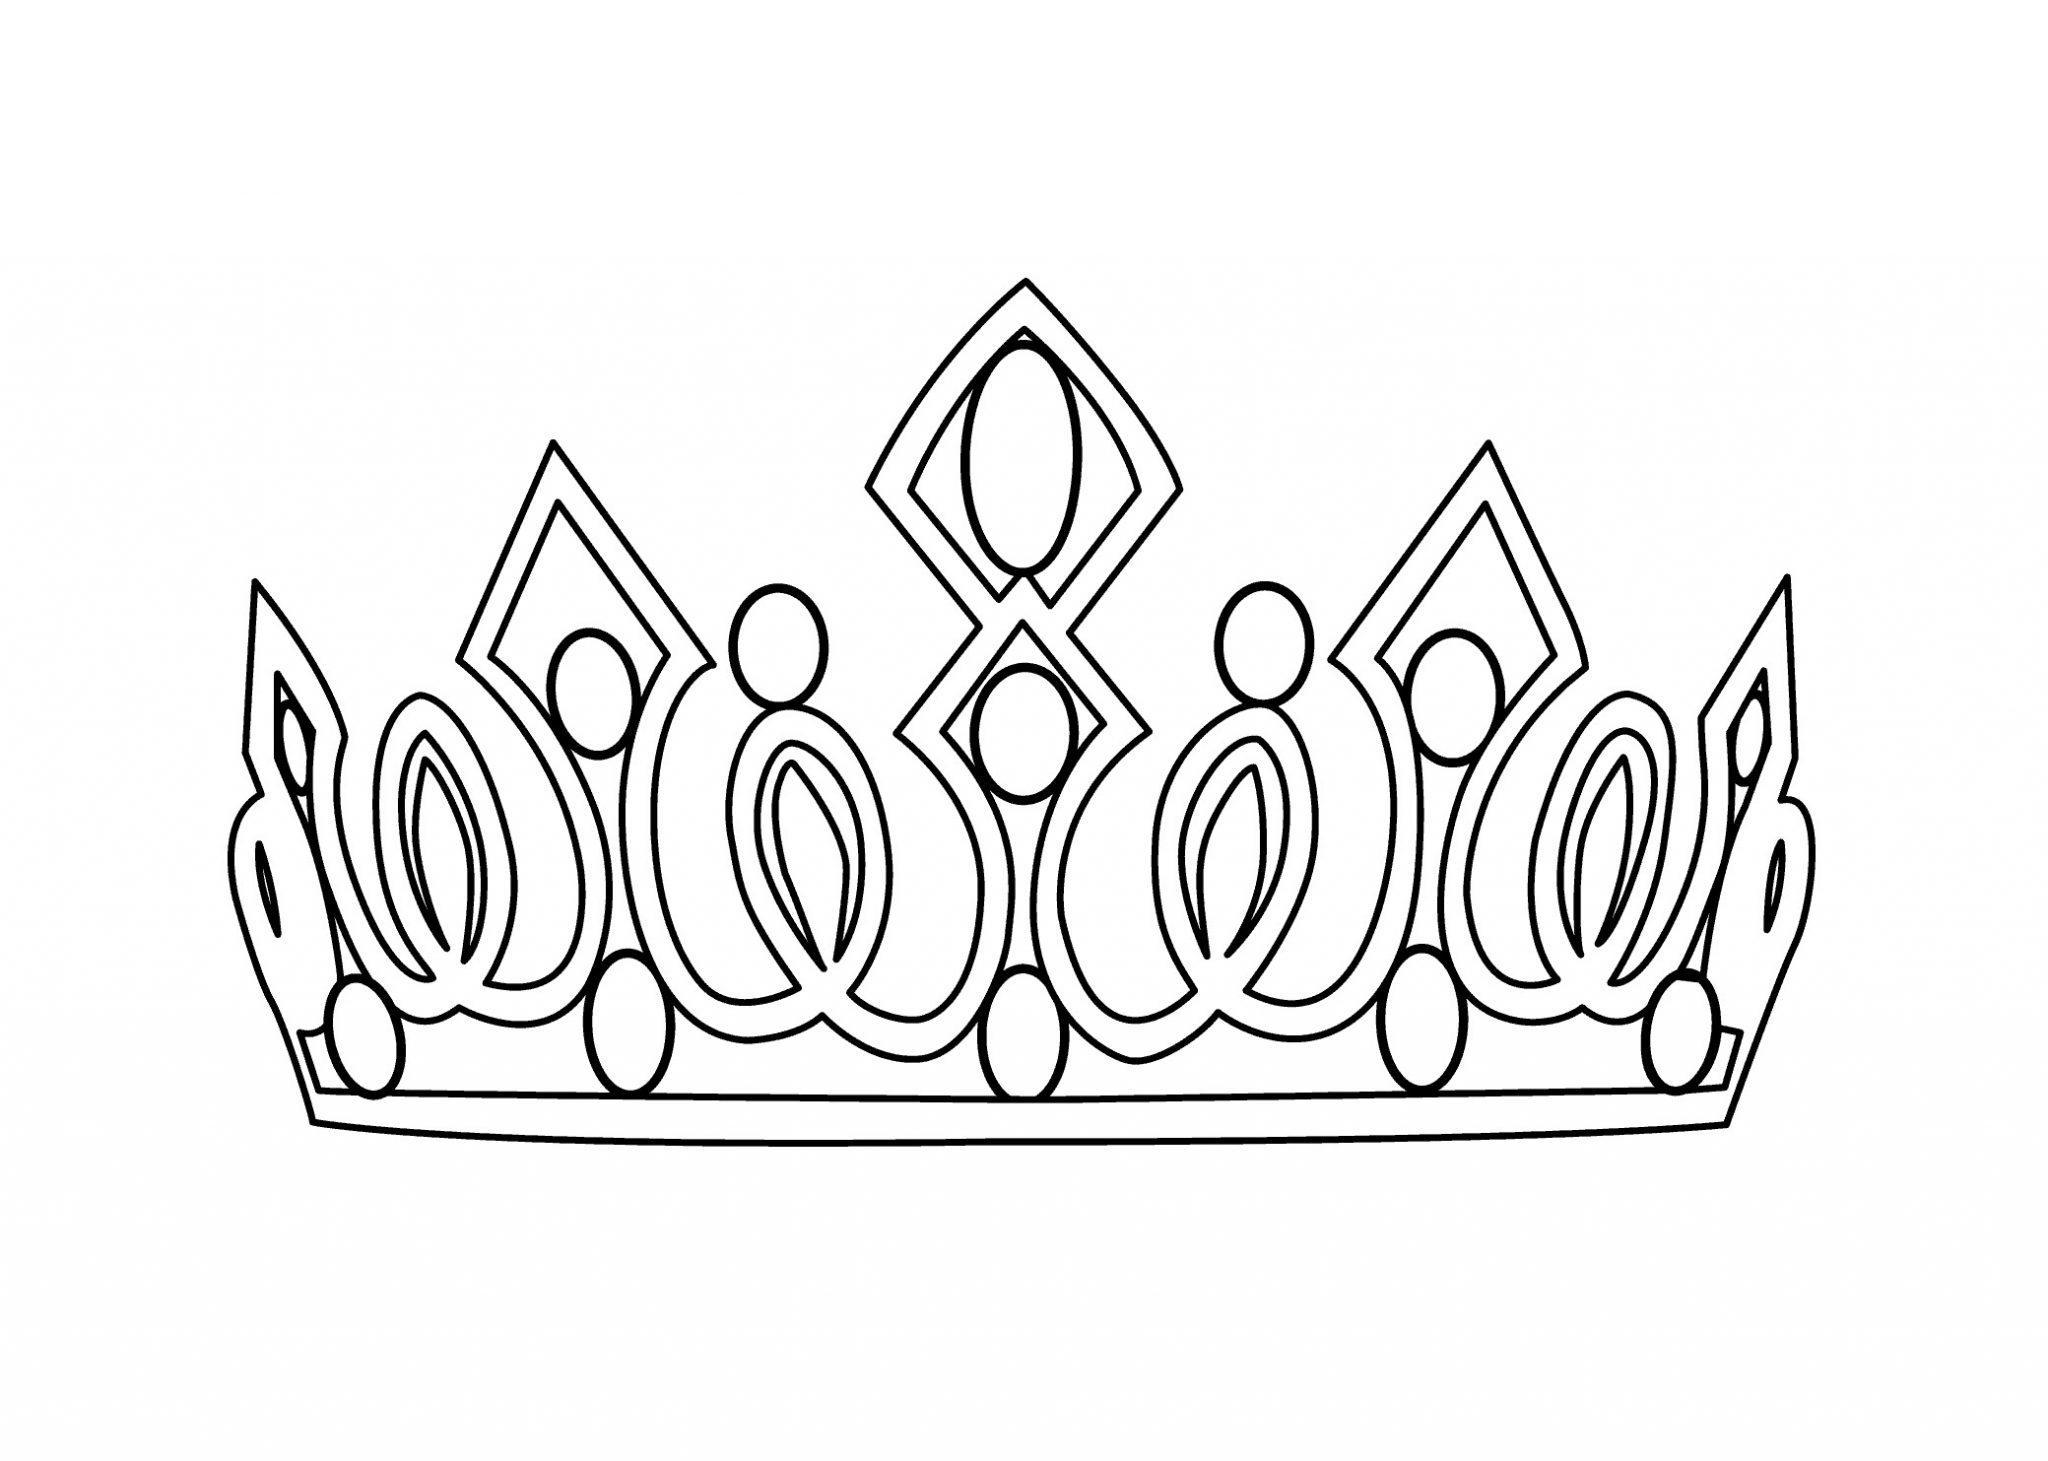 корона раскраска шаблон для мальчика распечатать